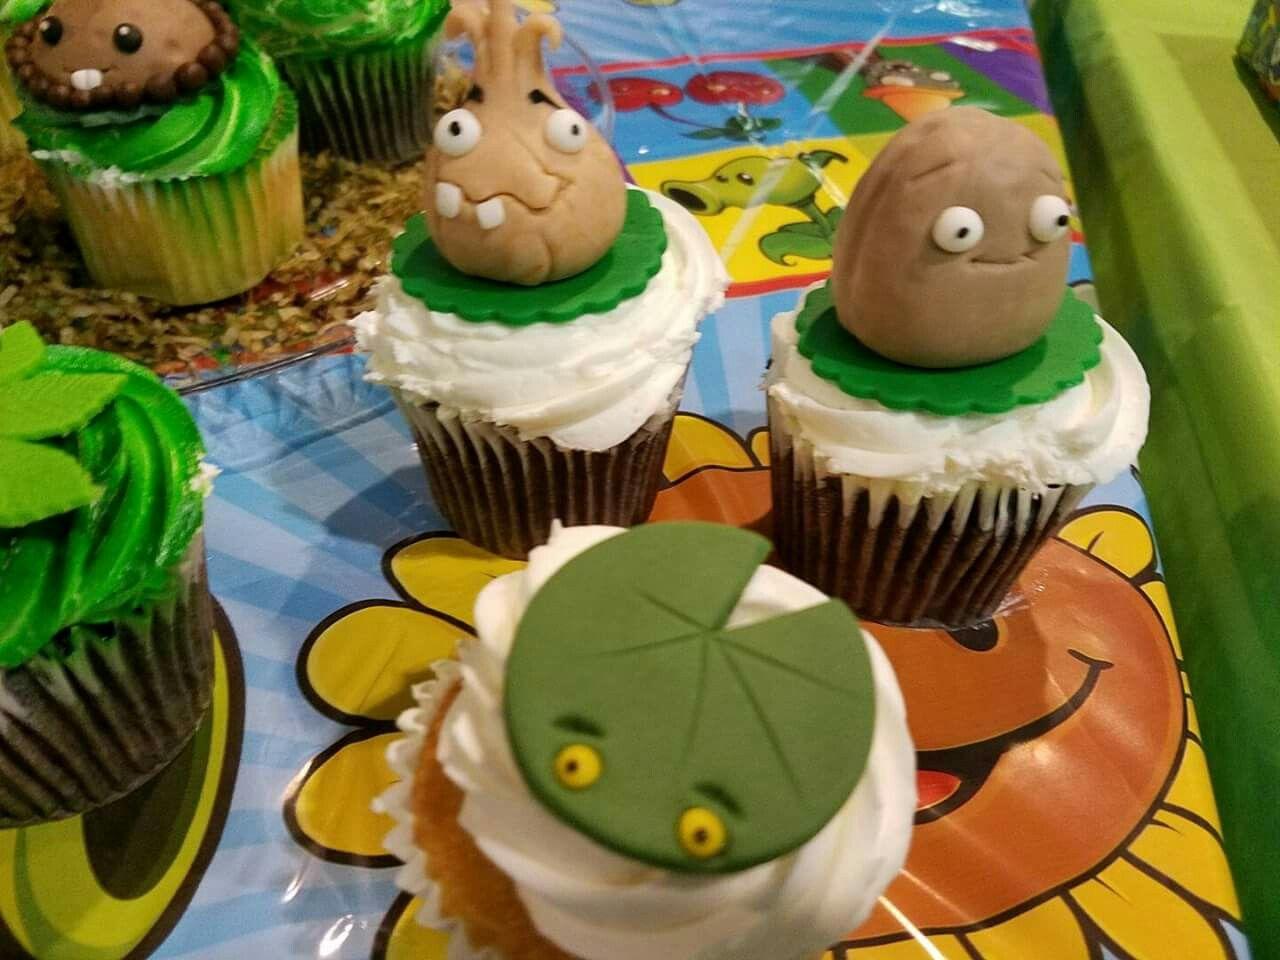 Zombies vs plants cupcakes